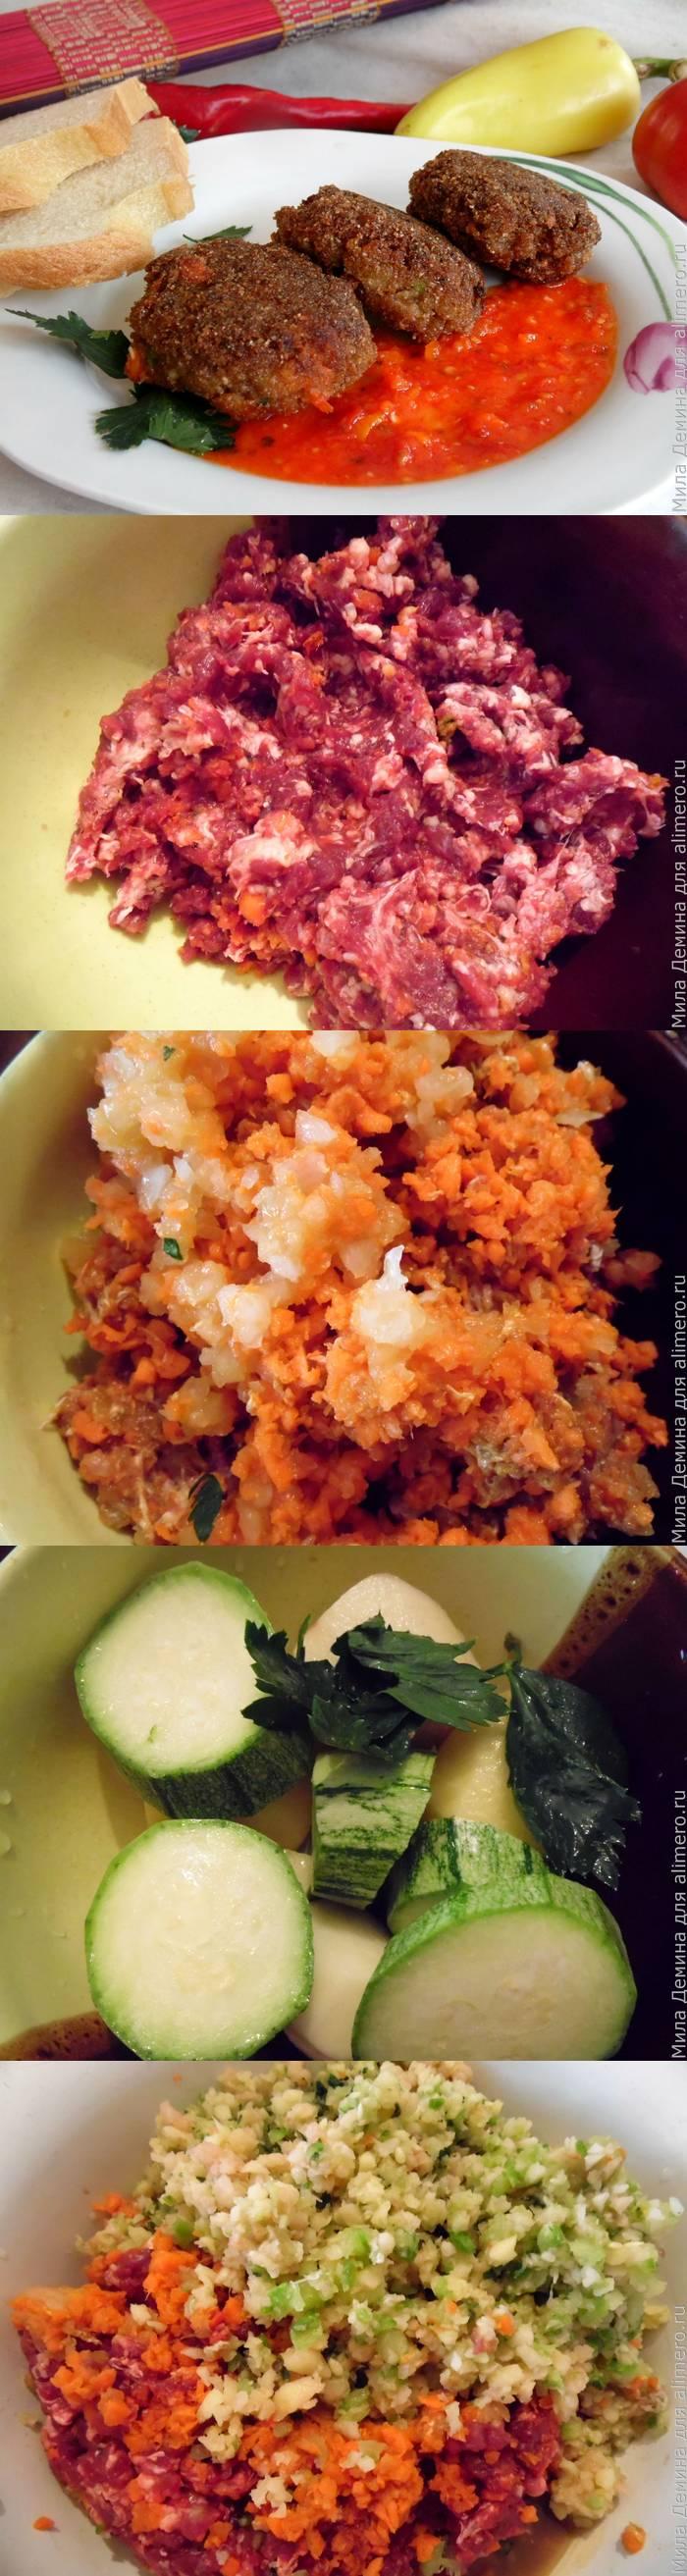 Сливочный соус в домашних условиях рецепт пошагово с